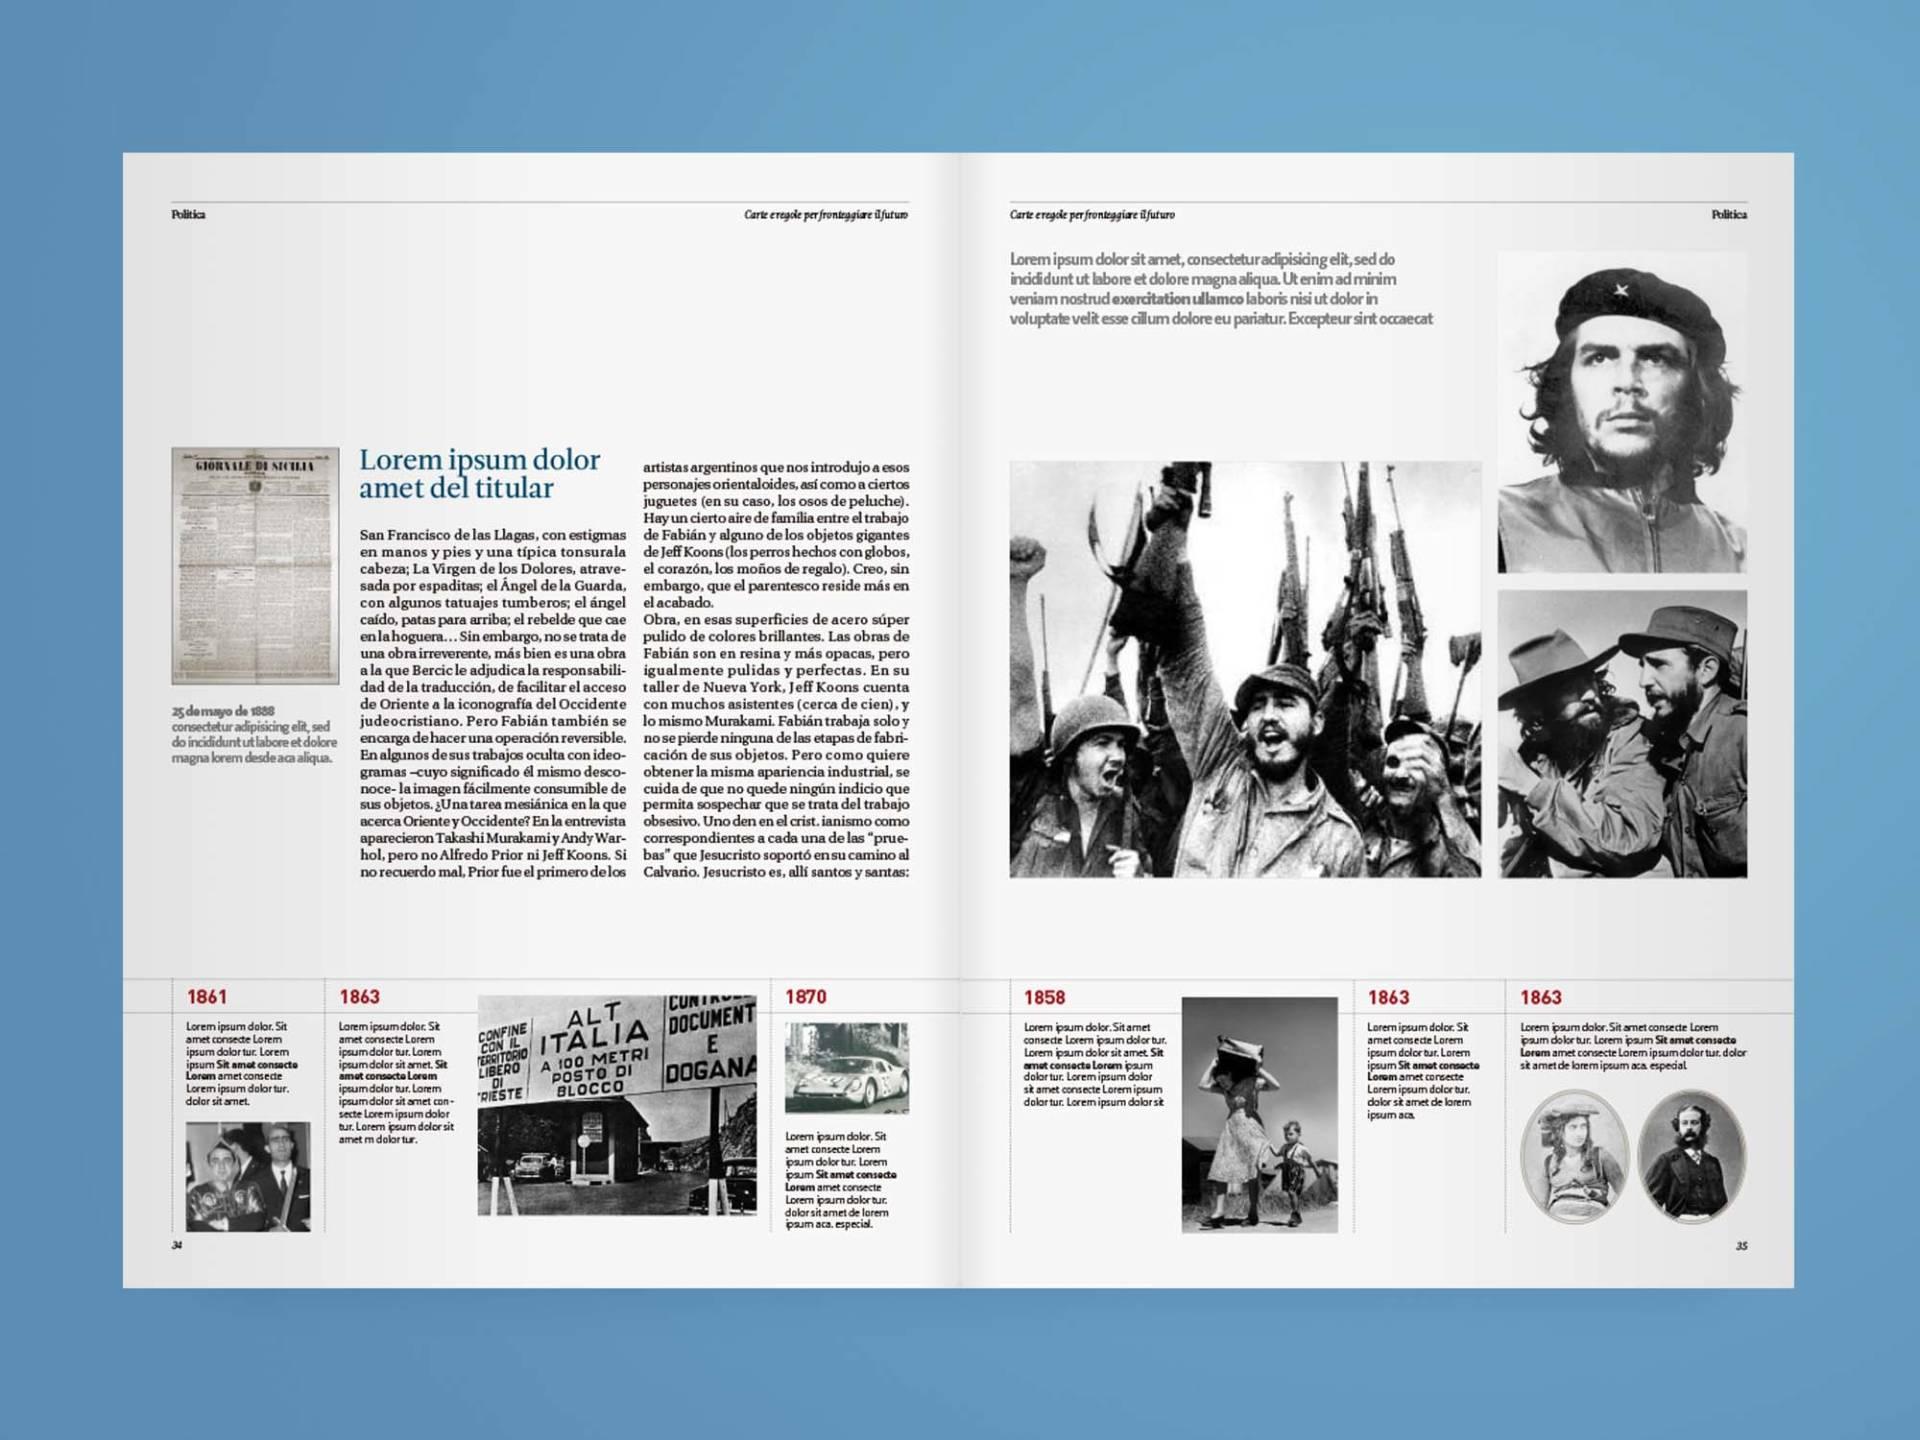 Giornale_Di_Sicilia_Libro_06_Wenceslau_News_Design